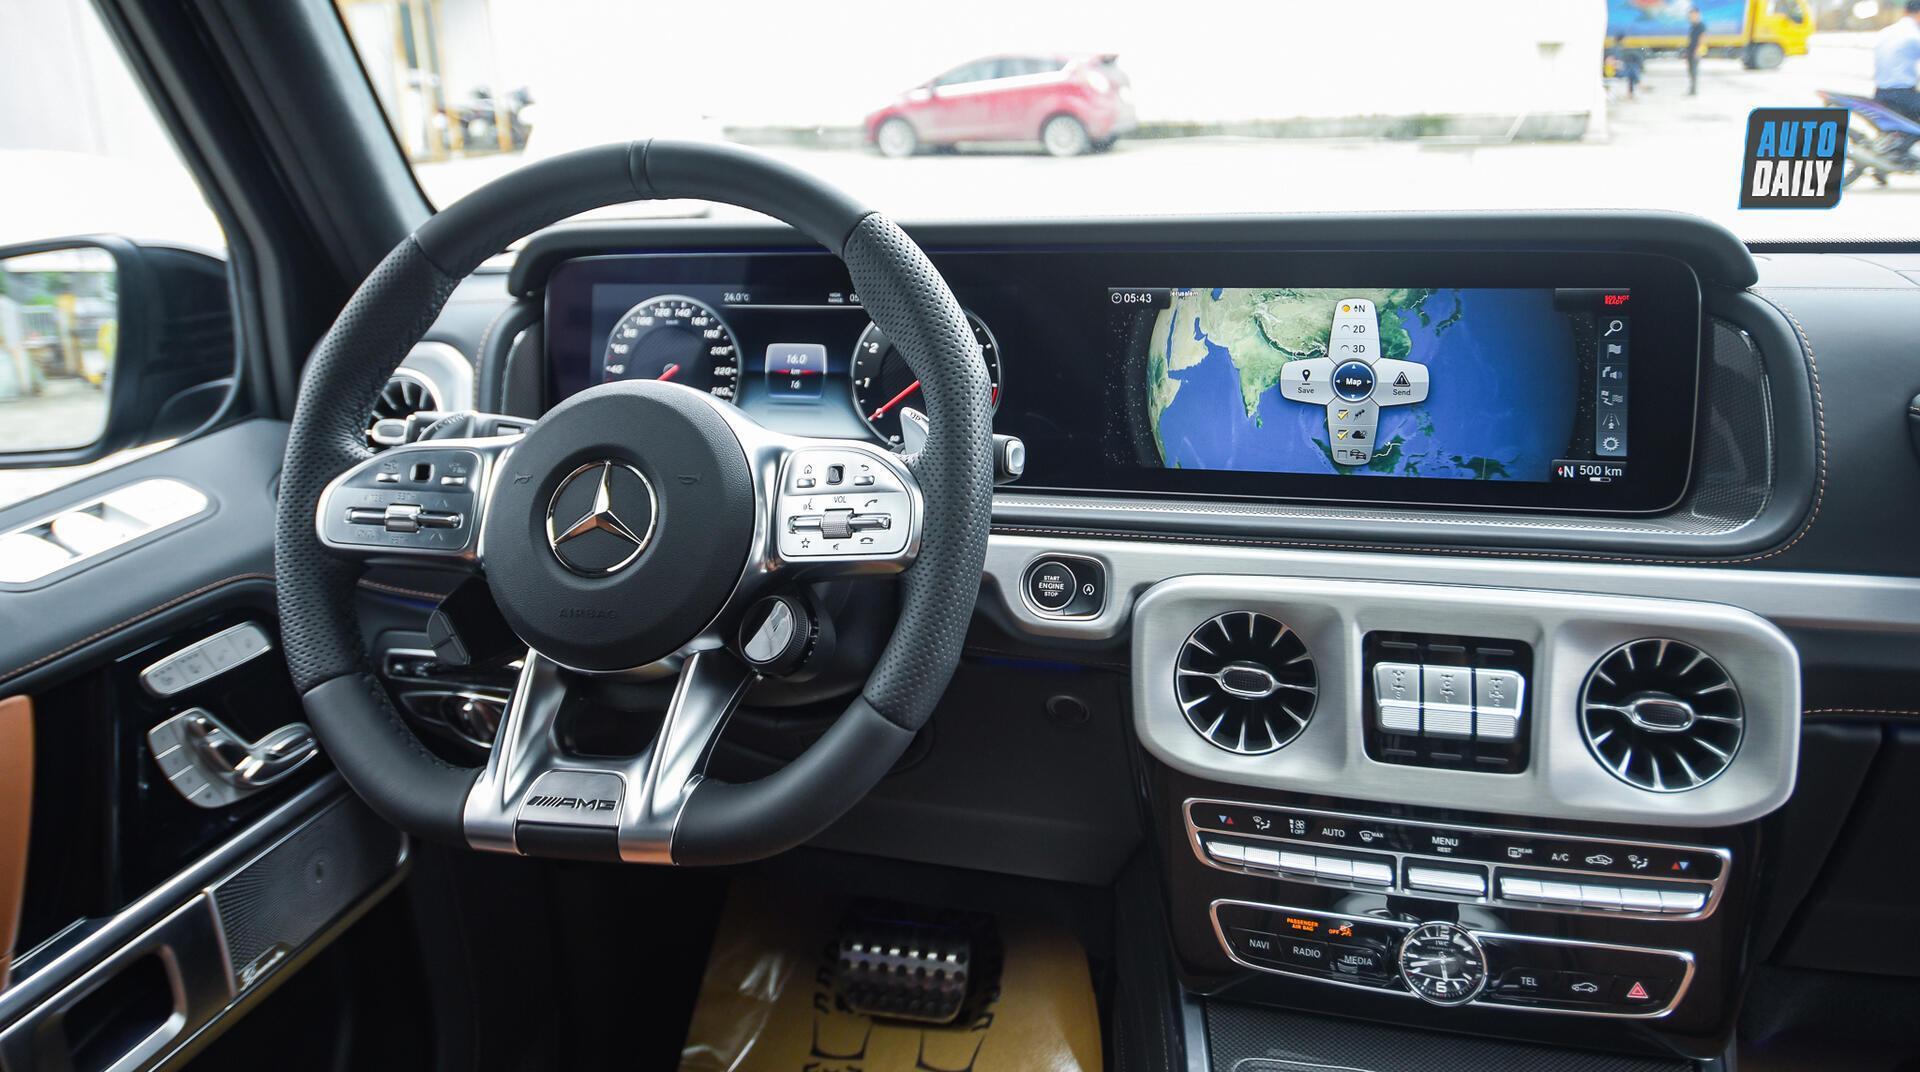 Ảnh chi tiết Mercedes G63 AMG 2021 bản cá nhân hoá giá khoảng 12 tỷ [12]